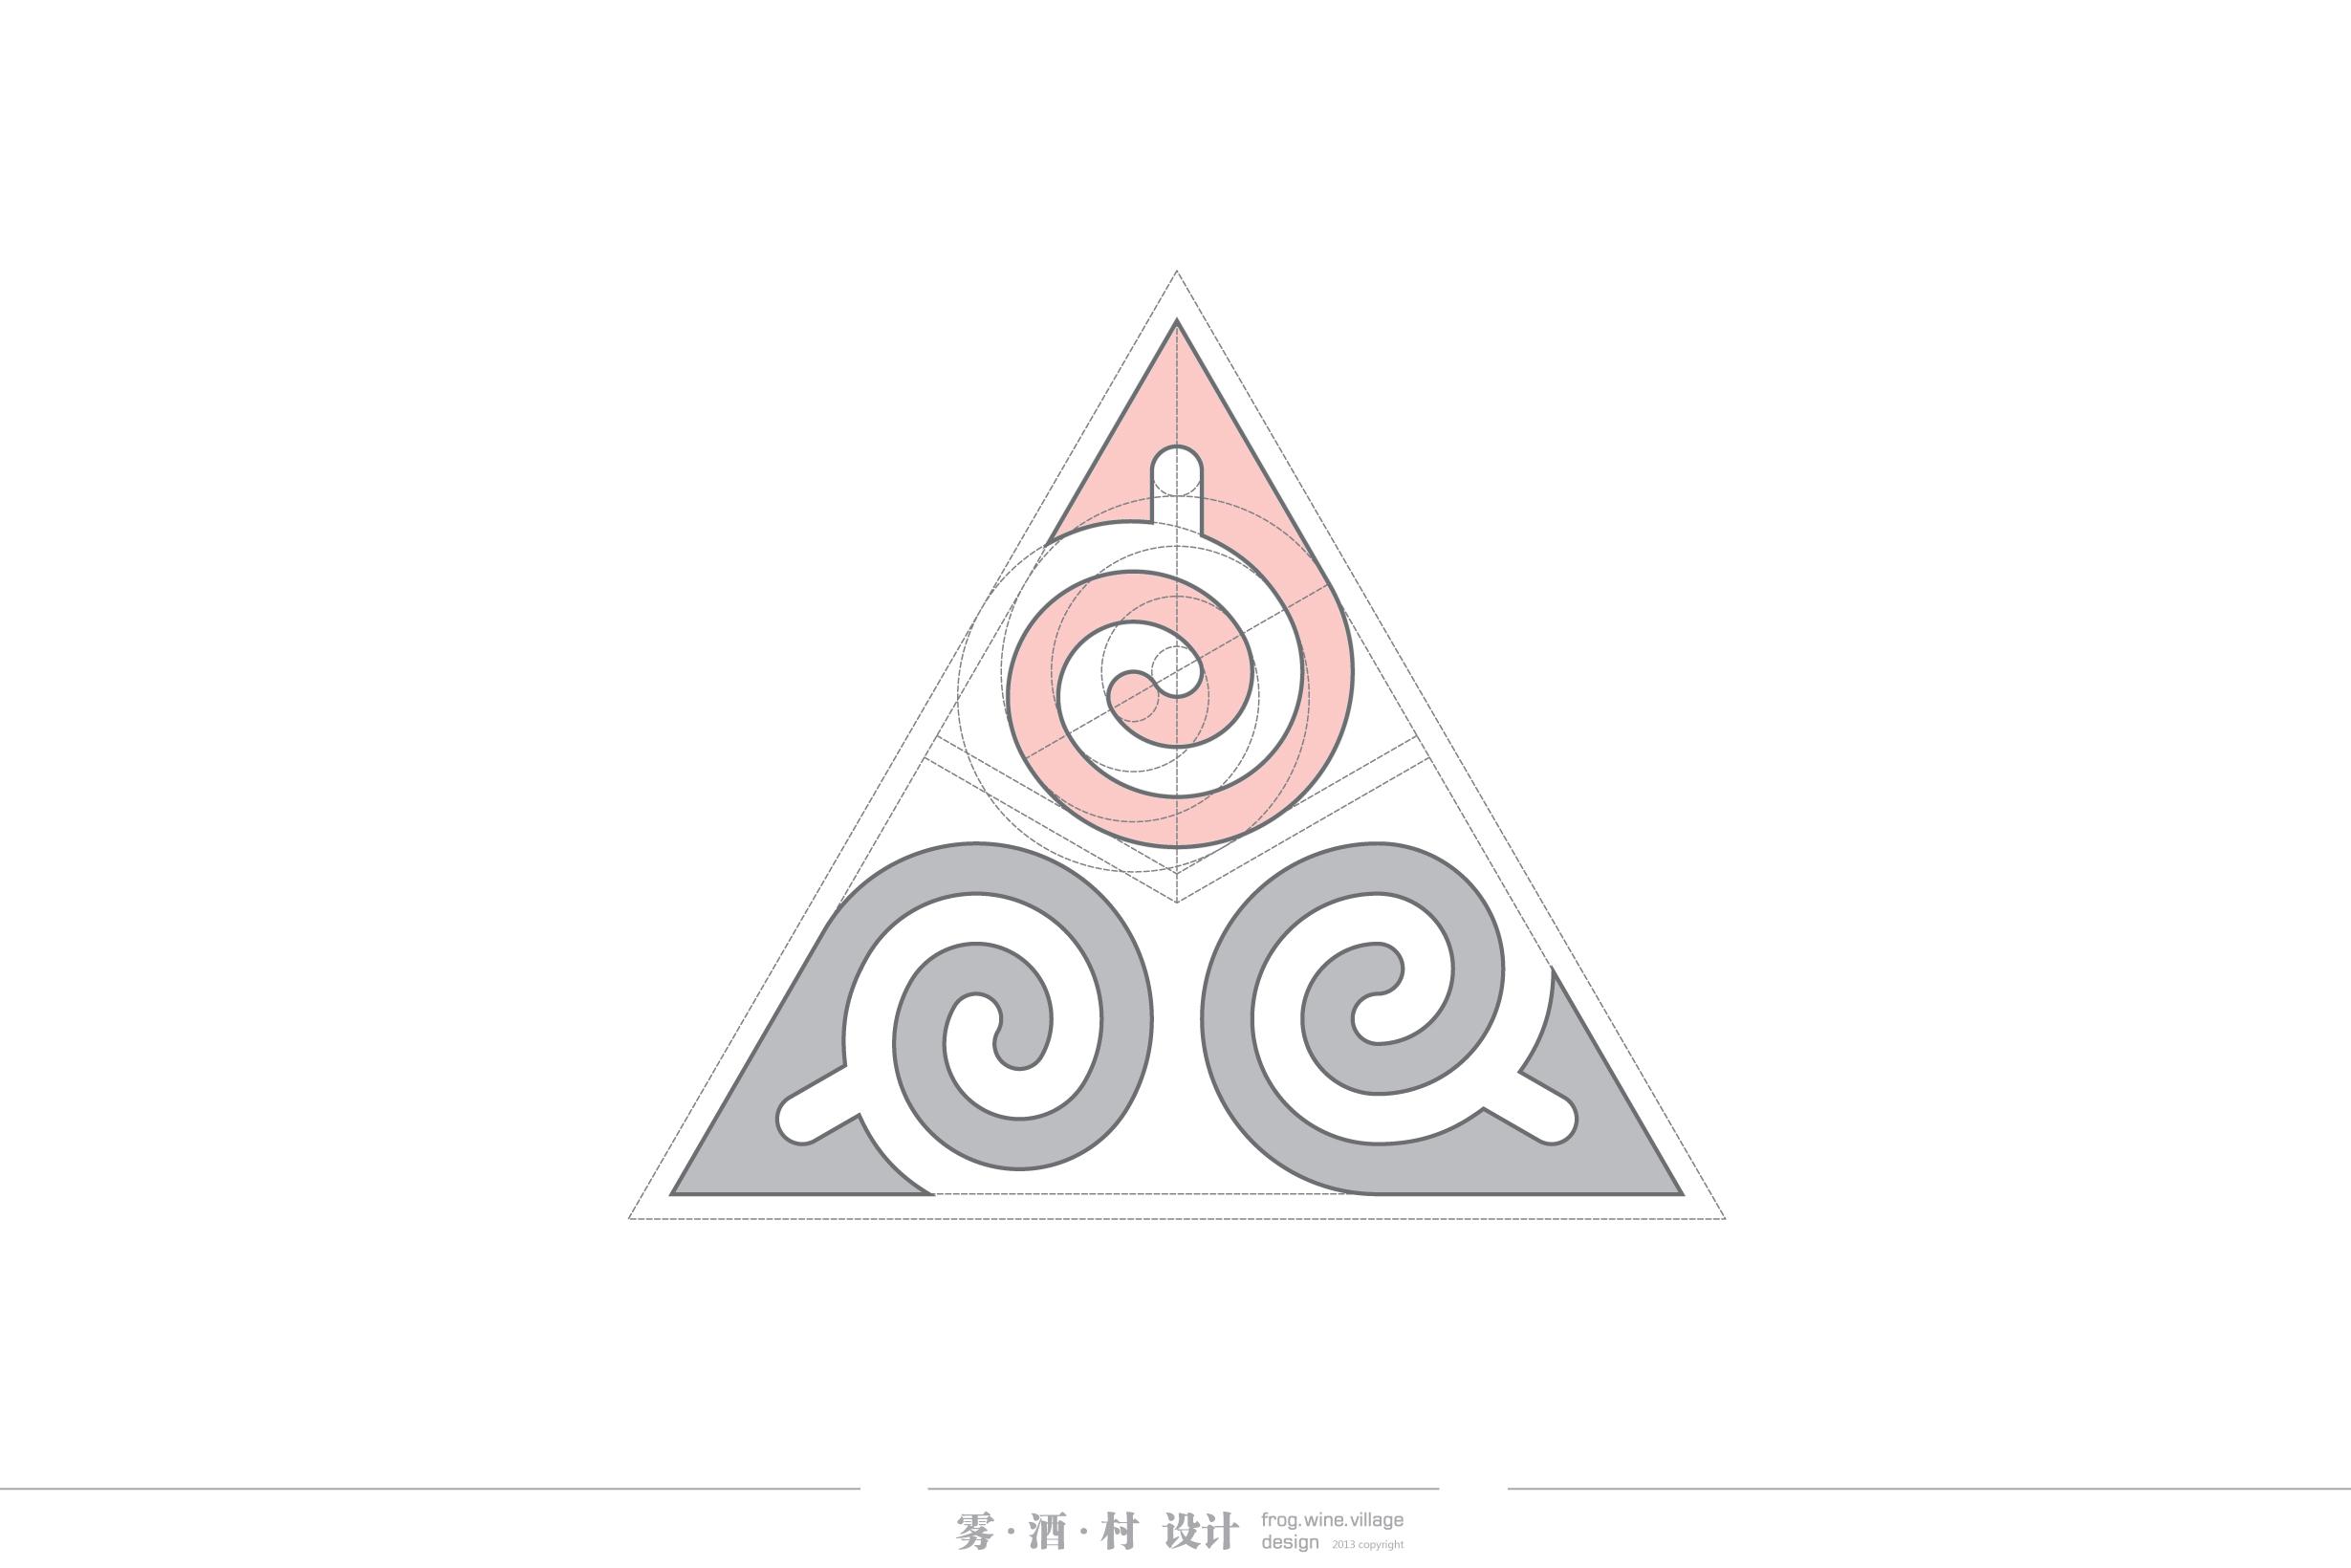 博物馆征集logo